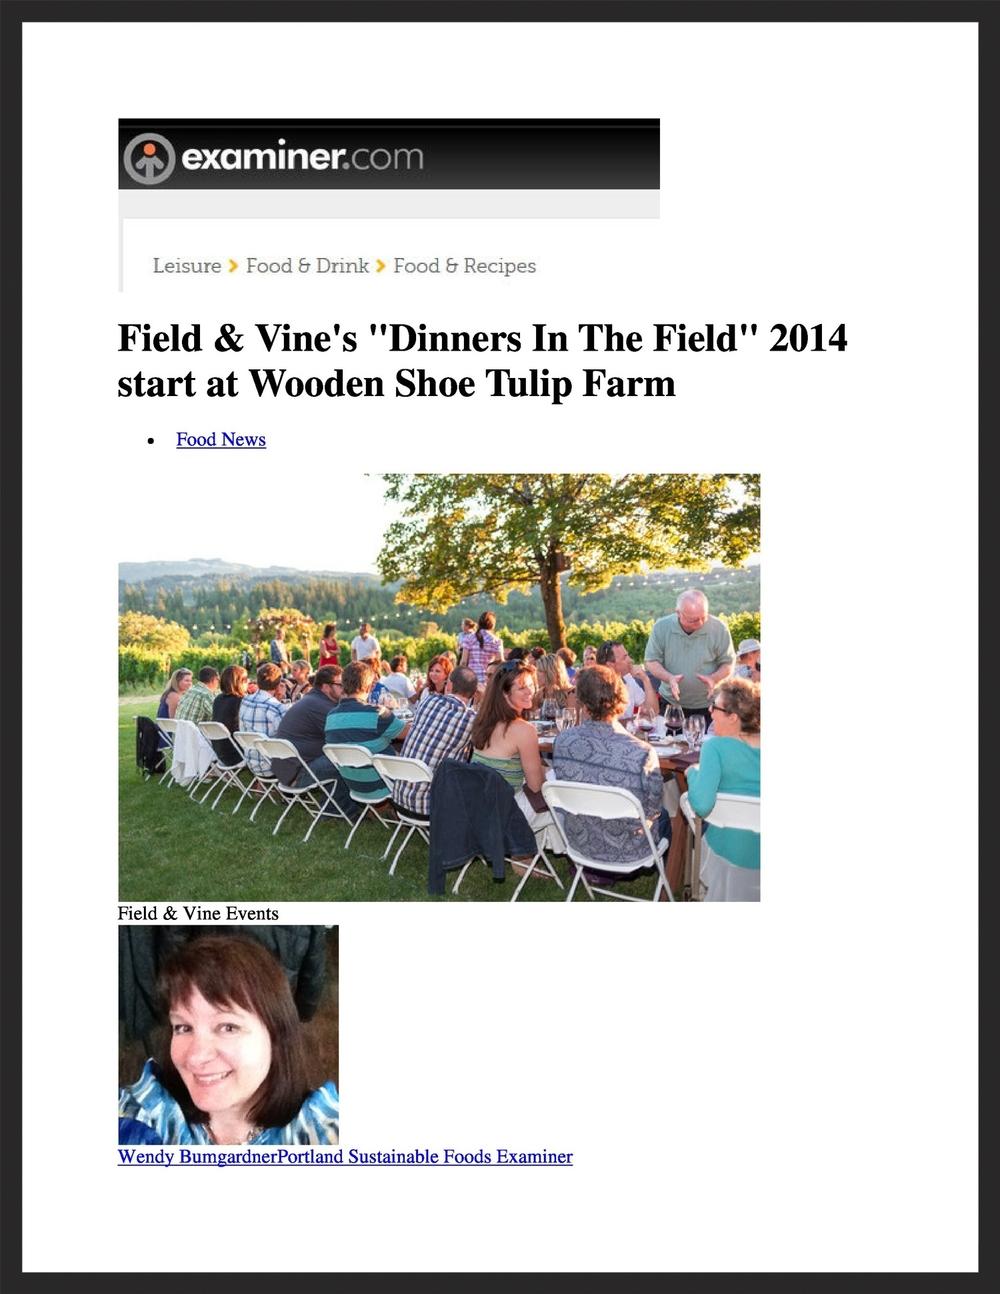 FIELD & VINE  Examiner.com  03.18.2014